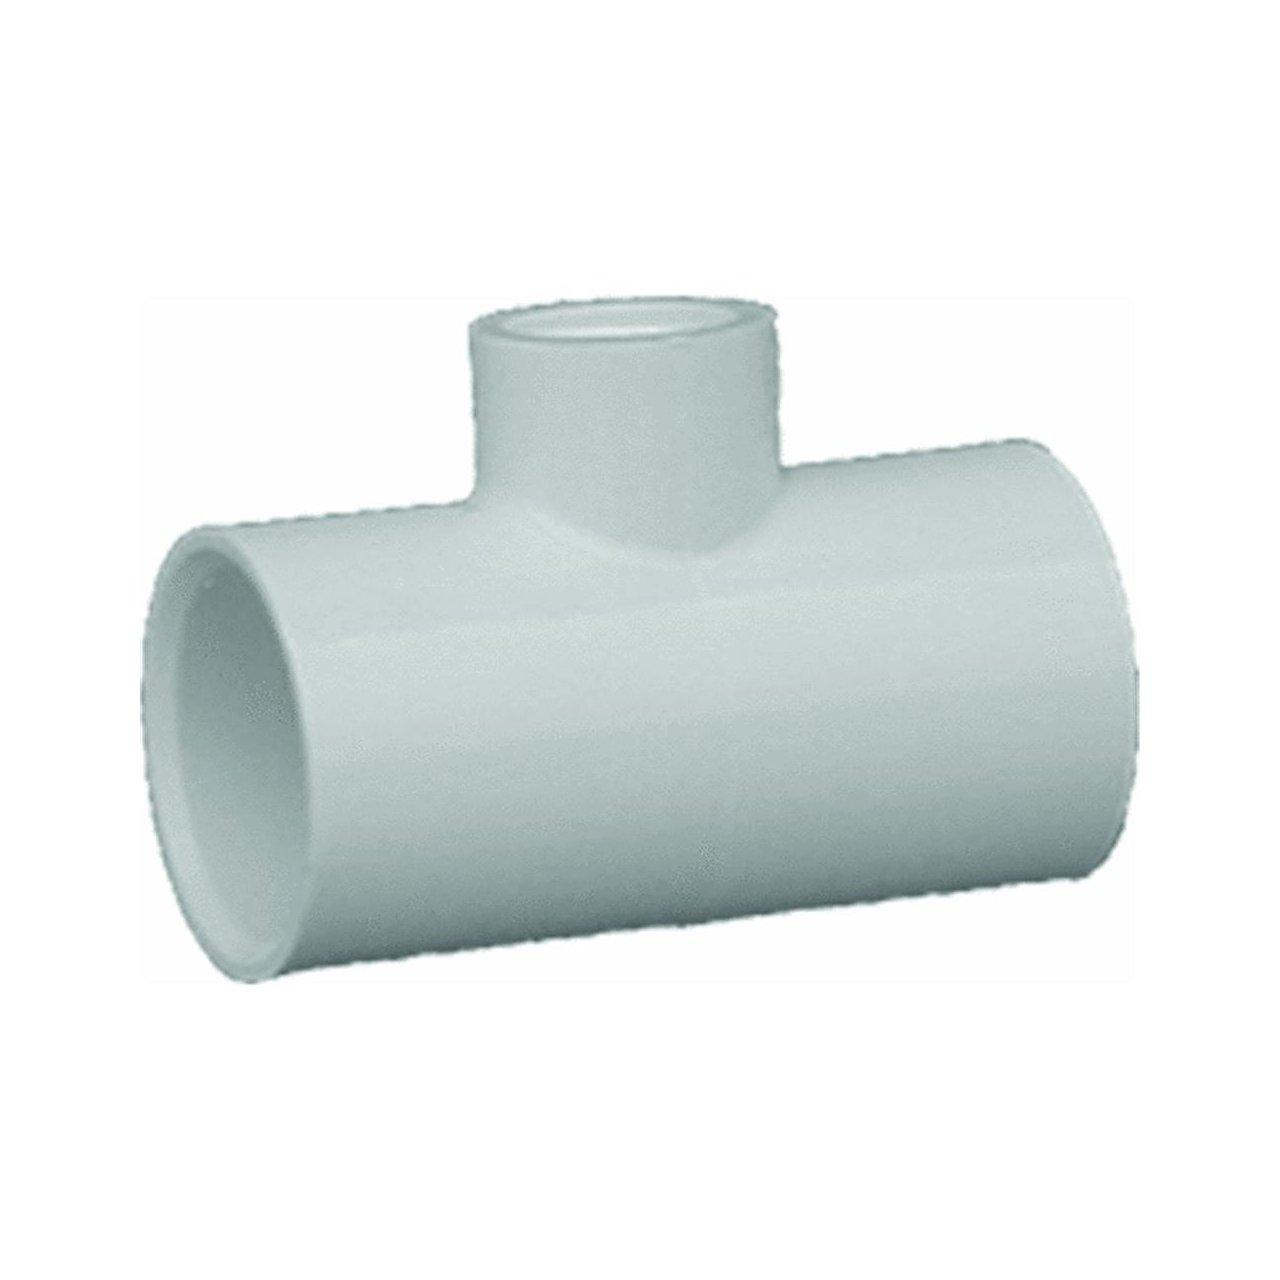 Genova Products 2X2x1/2 Sxsxt Redu Tee 31482 Pvc Sch 40 Pressure Fittings